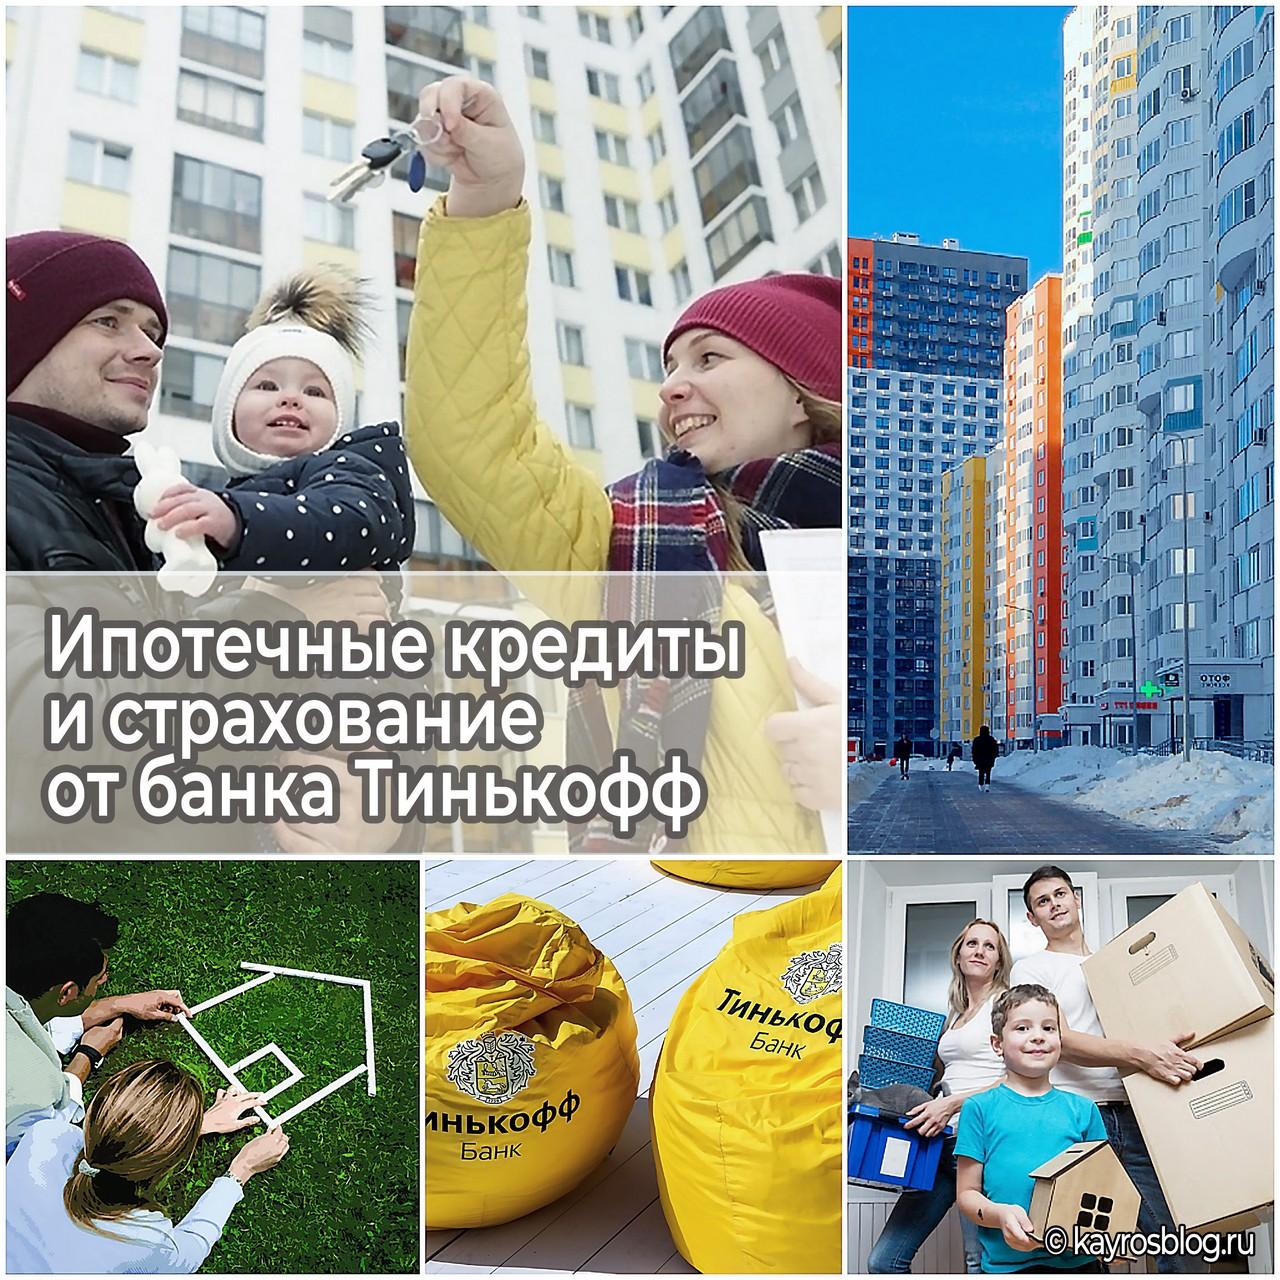 Ипотечные кредиты и страхование от банка Тинькофф